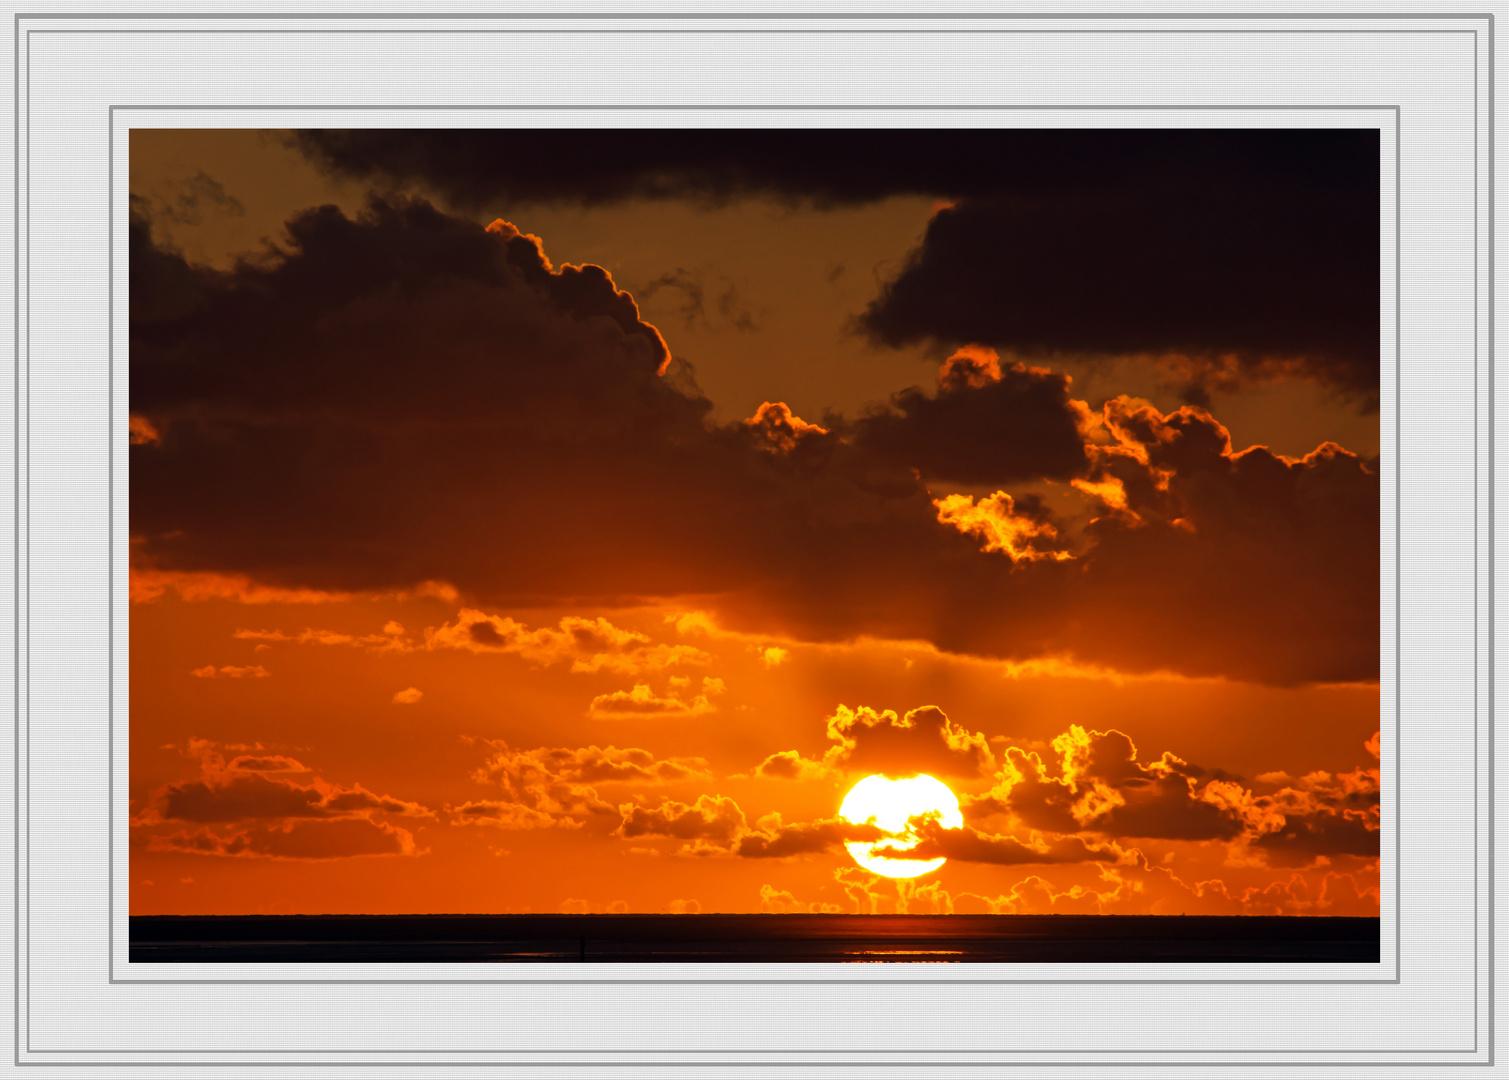 Sonnenuntergang in St. Peter-Ording (Böhler Strand)